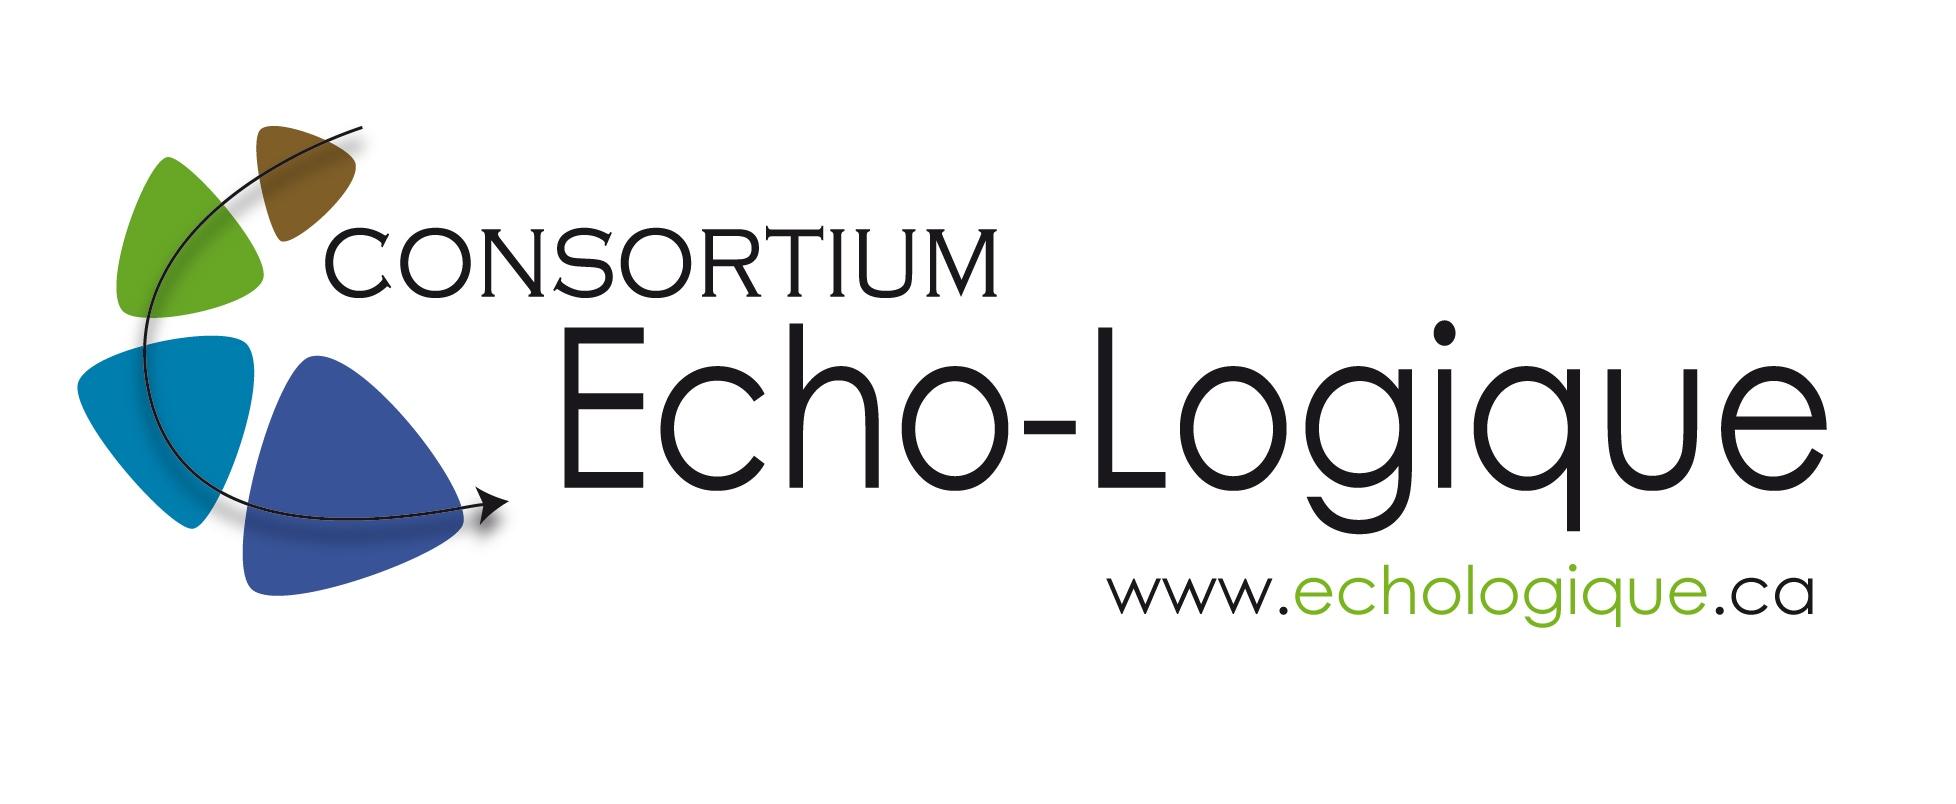 Echo-Logique Consortium